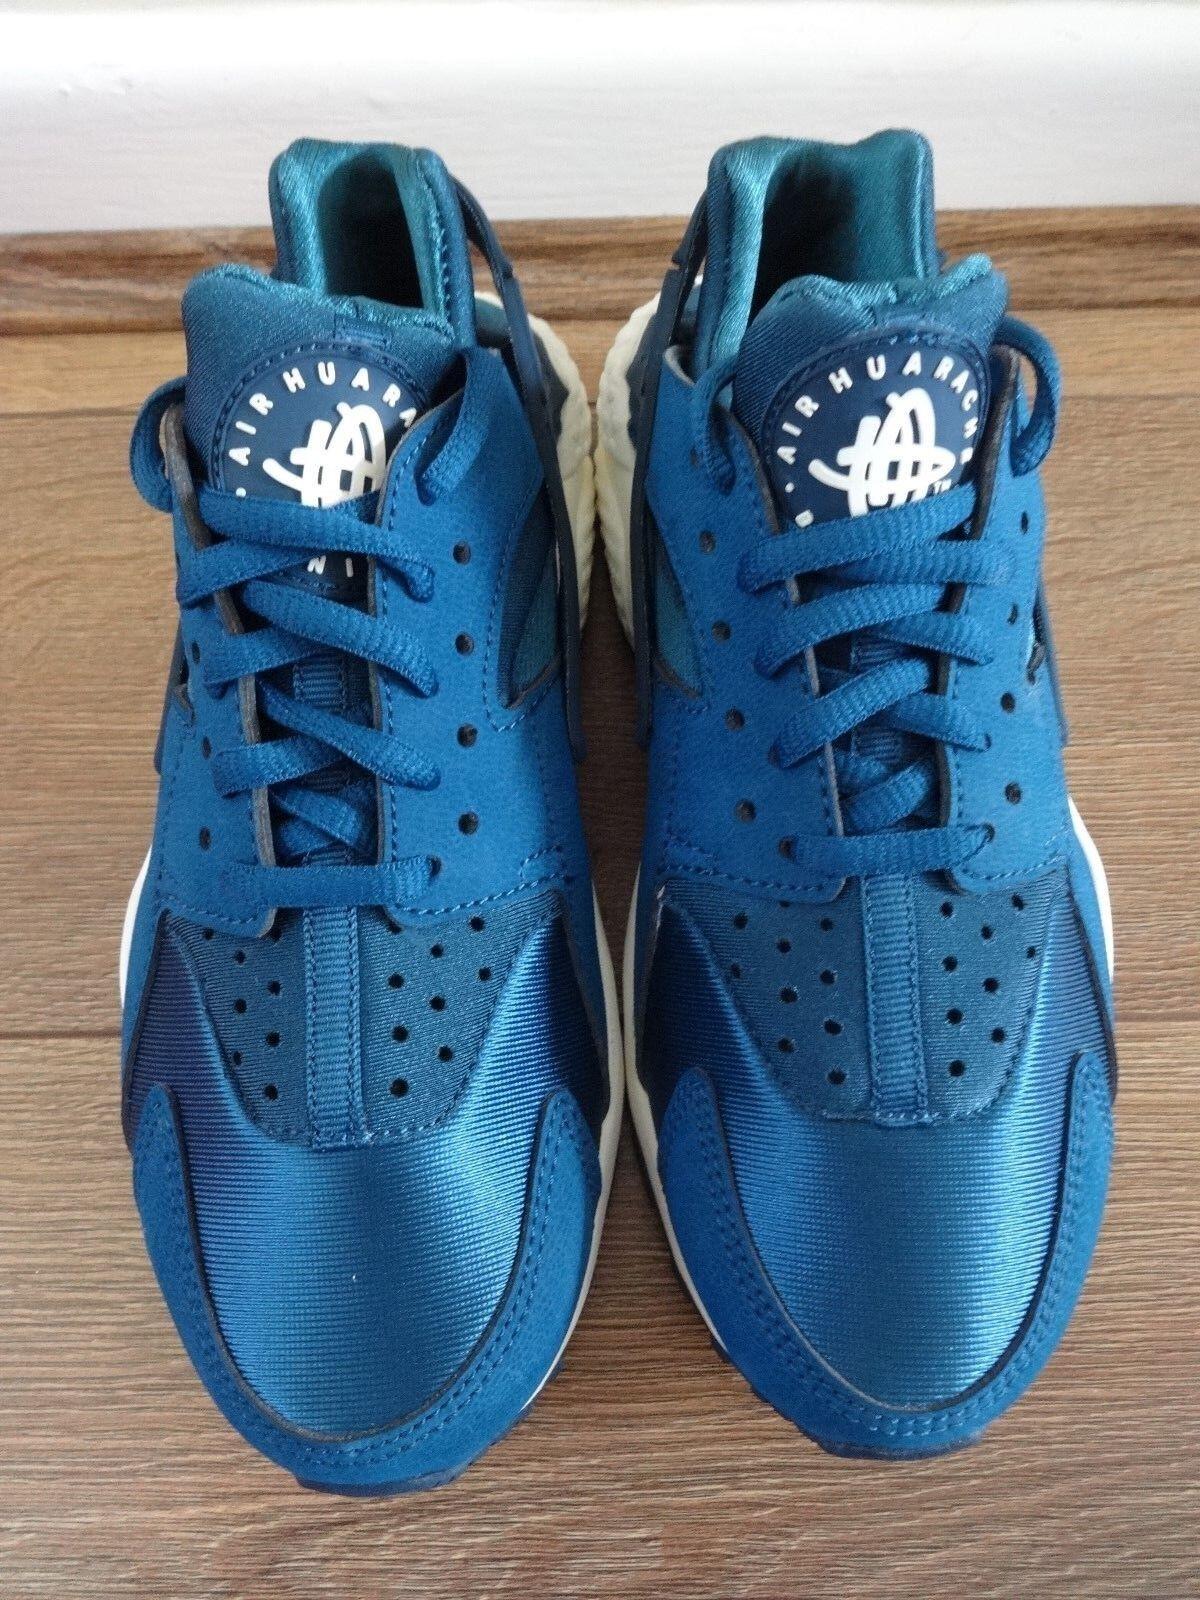 Nike Nike Nike Air huarache run womens trainers 634835 400 uk 3 eu 36 us 5.5 NEW IN BOX 5a71a1